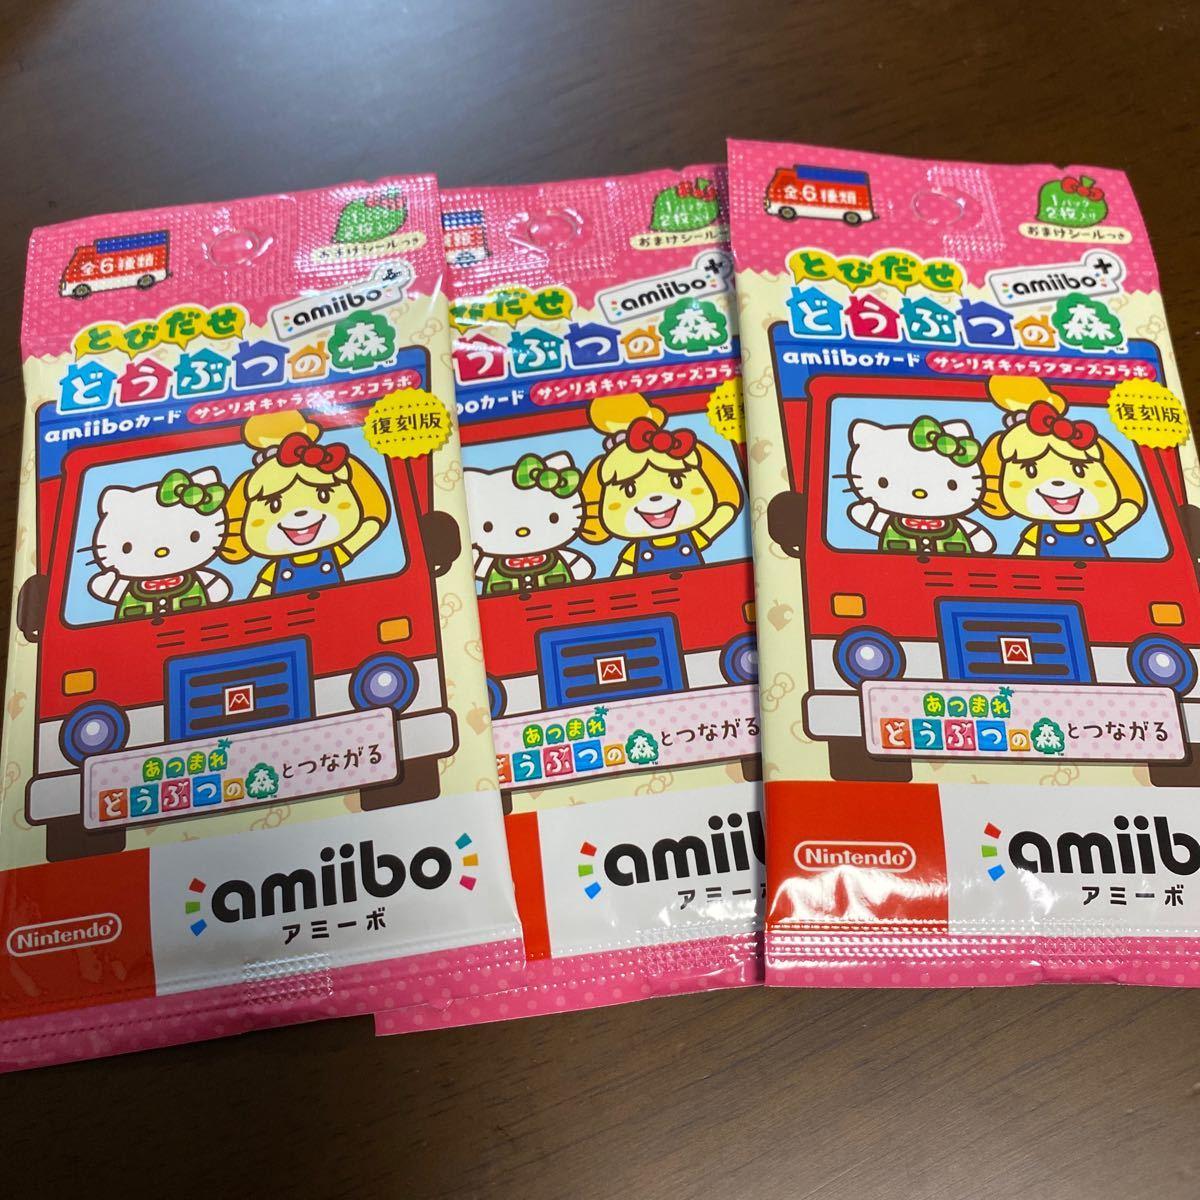 amiibo amiiboカード とびだせどうぶつの森amiibo+ アミーボ サンリオキャラクターズ アミーボカード